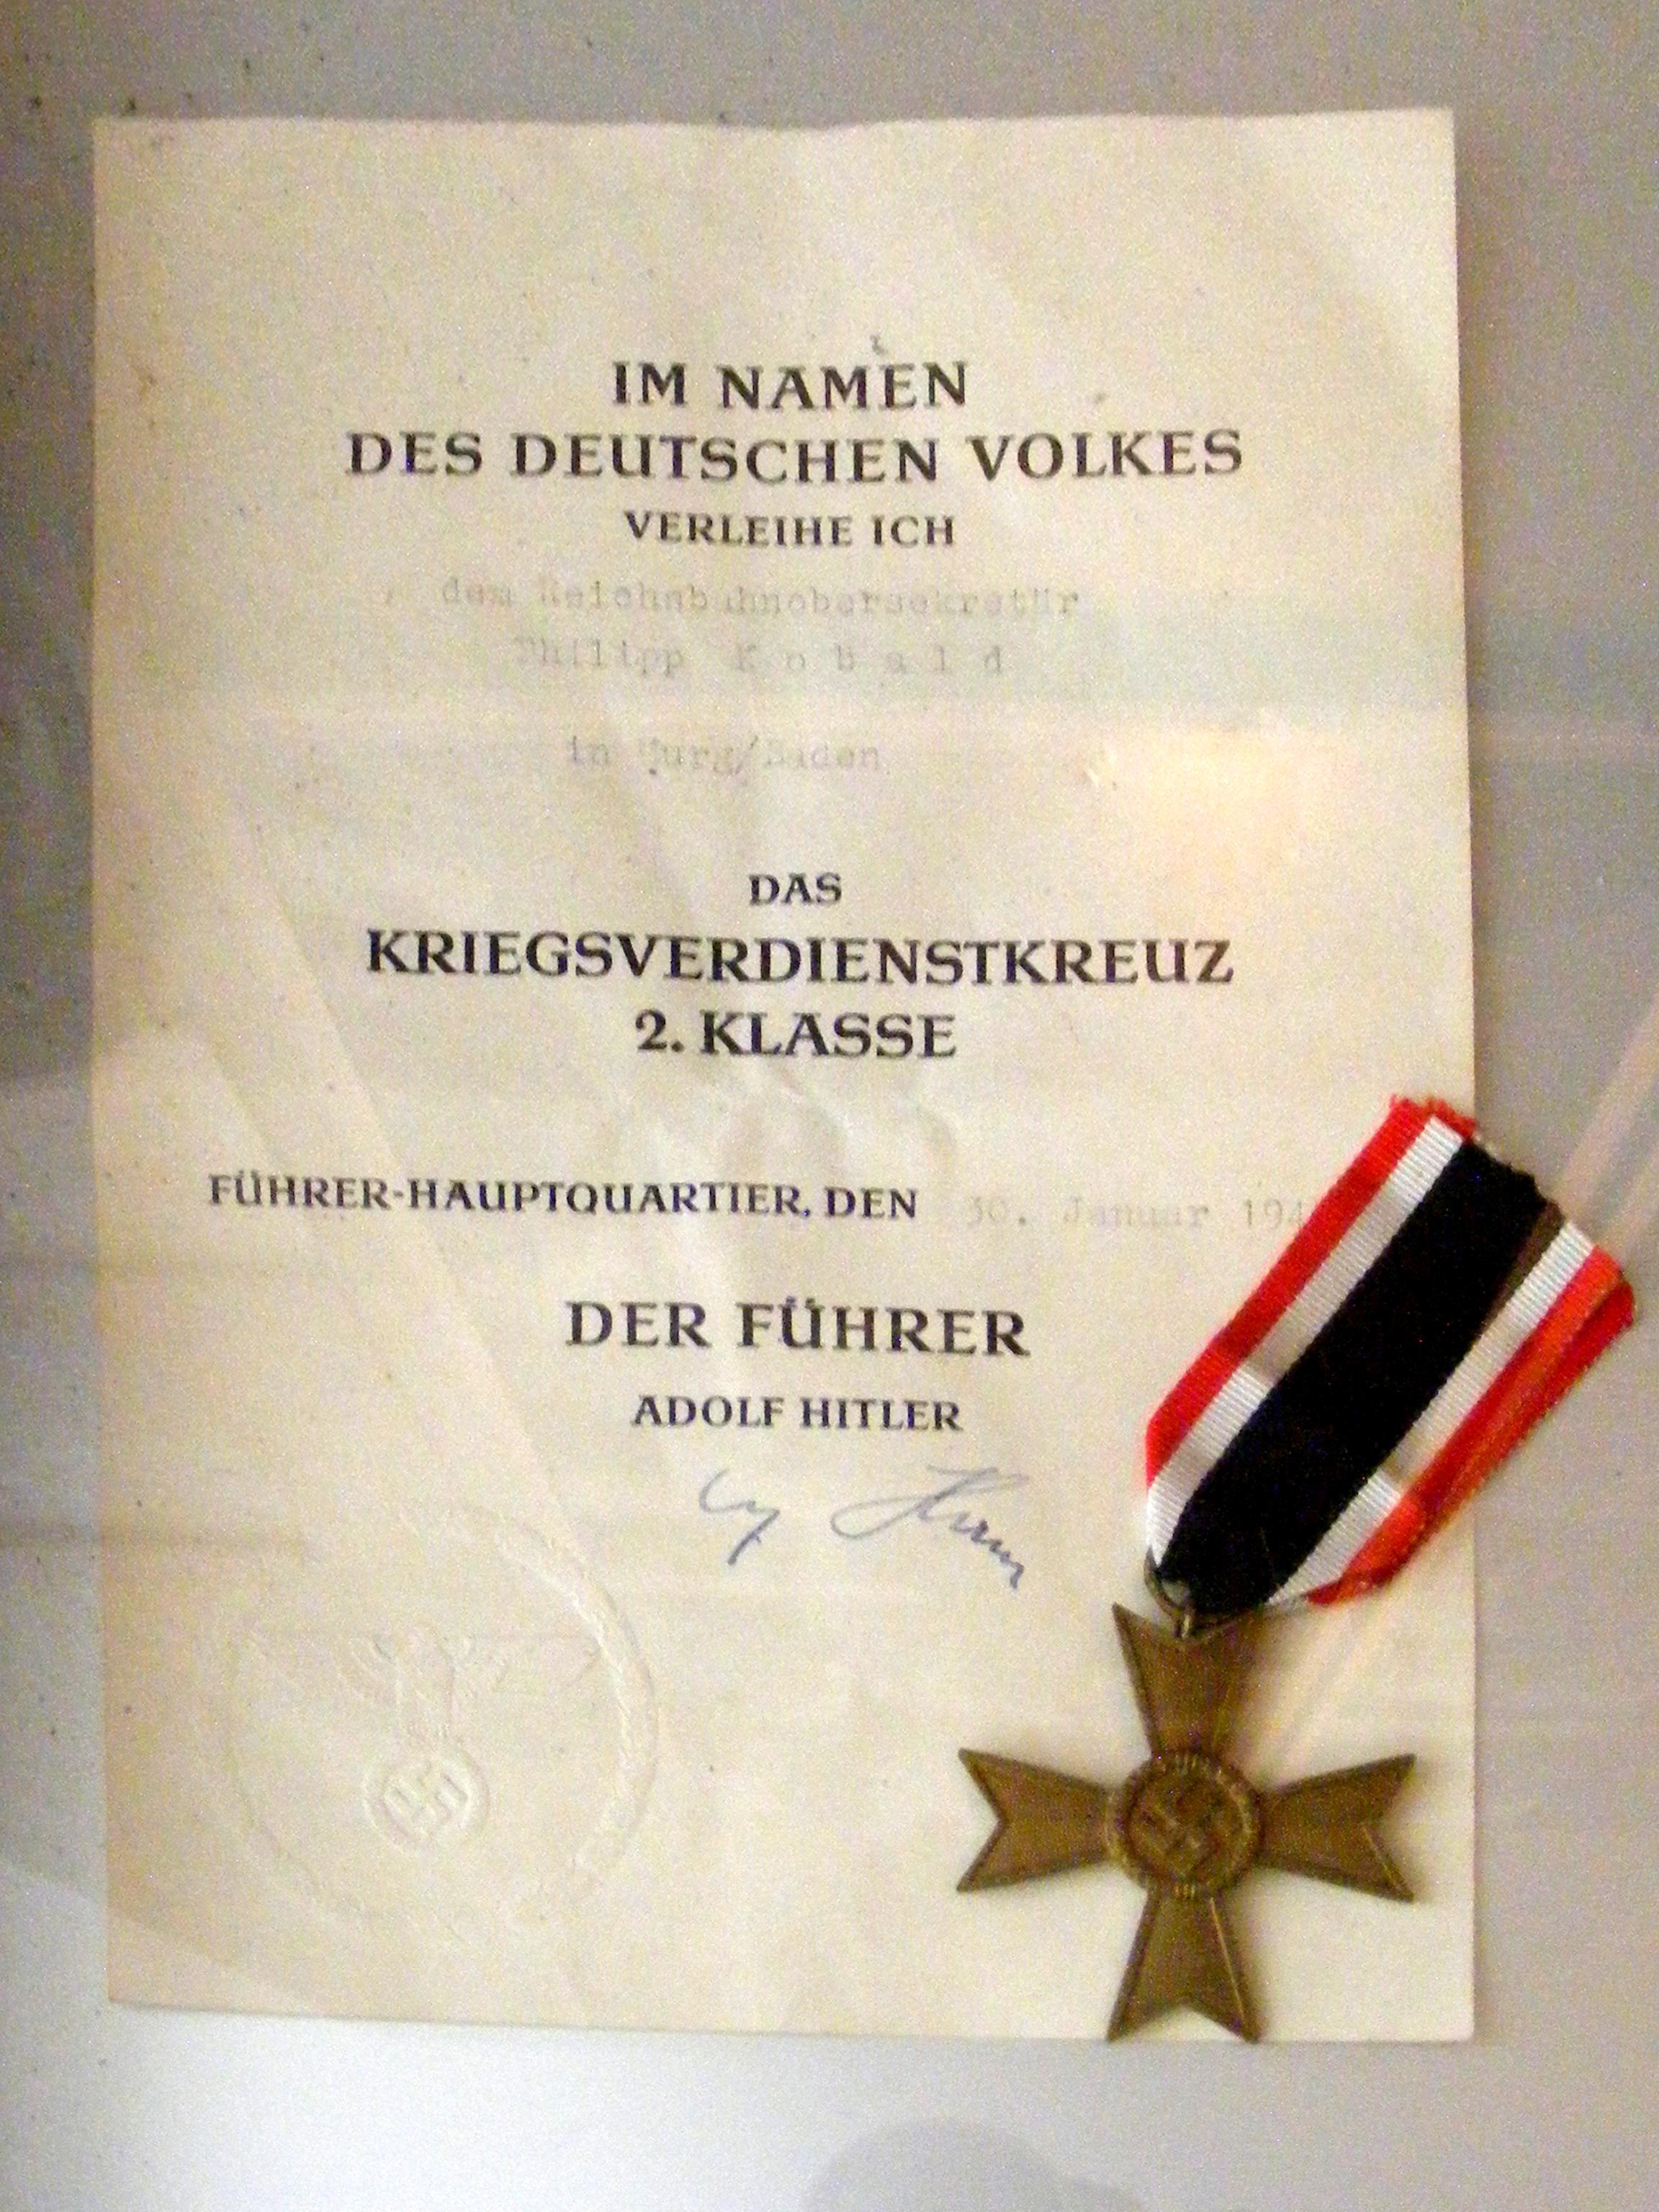 File:DB Museum Nürnberg - Kriegsverdienstkreuz 2. Klasse ...